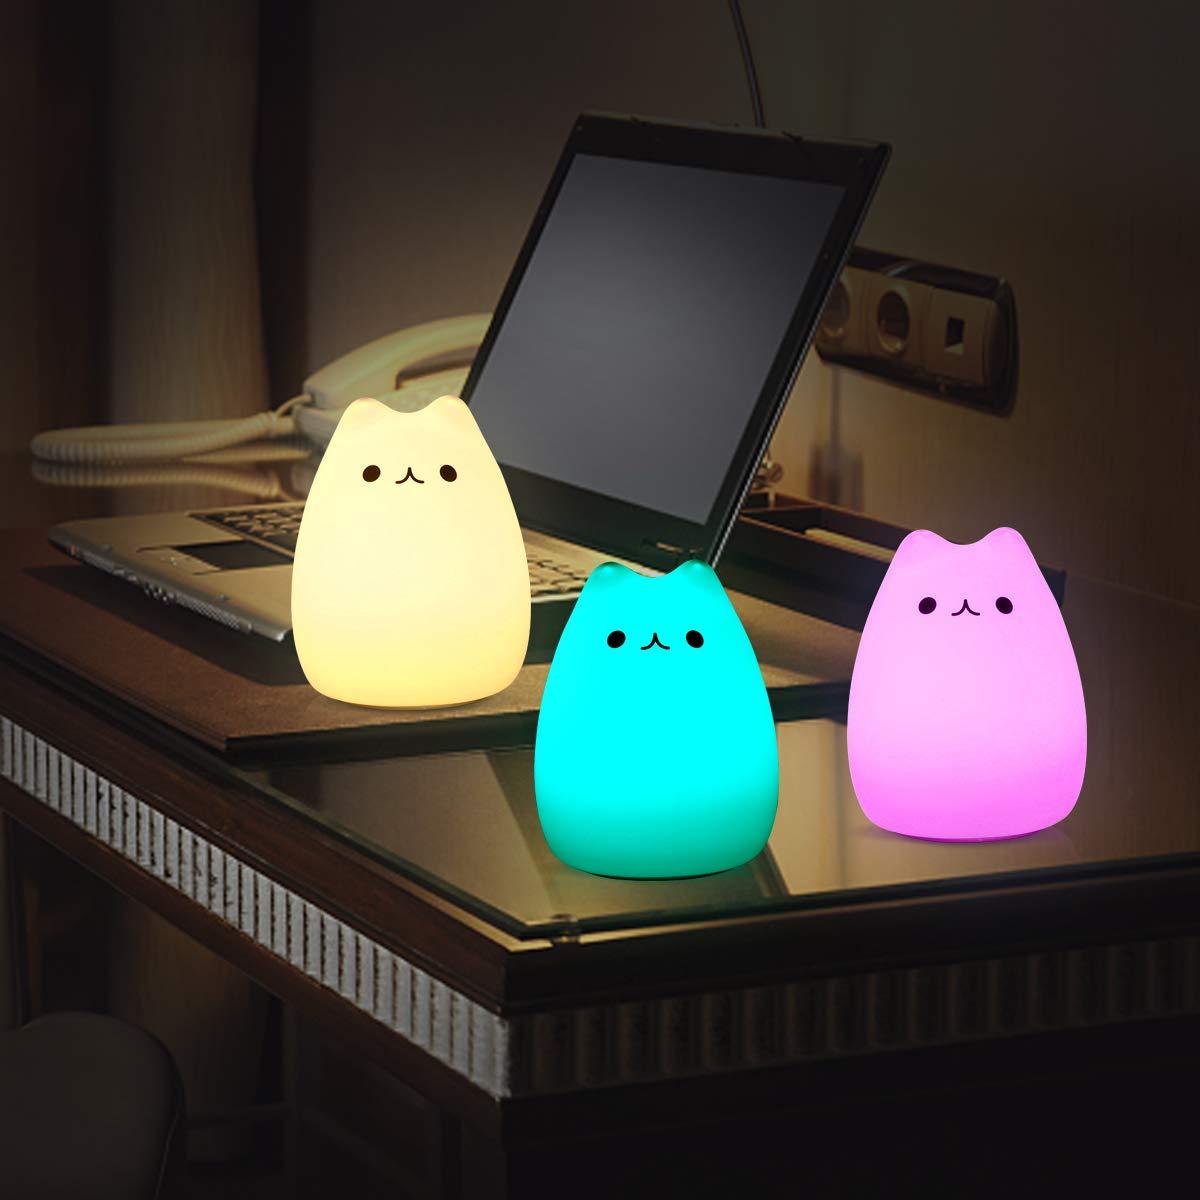 Wohnr/äume Dimmbar f/ür Kinderzimmer 5 Lichtmodi IDESION LED Nachtlicht Kinder,Nachttischlampe Touch Lampe,Nachtleuchte LED Schlummerleuchte Katzenform,16 Farbm/öglichkeiten Schlafzimmer